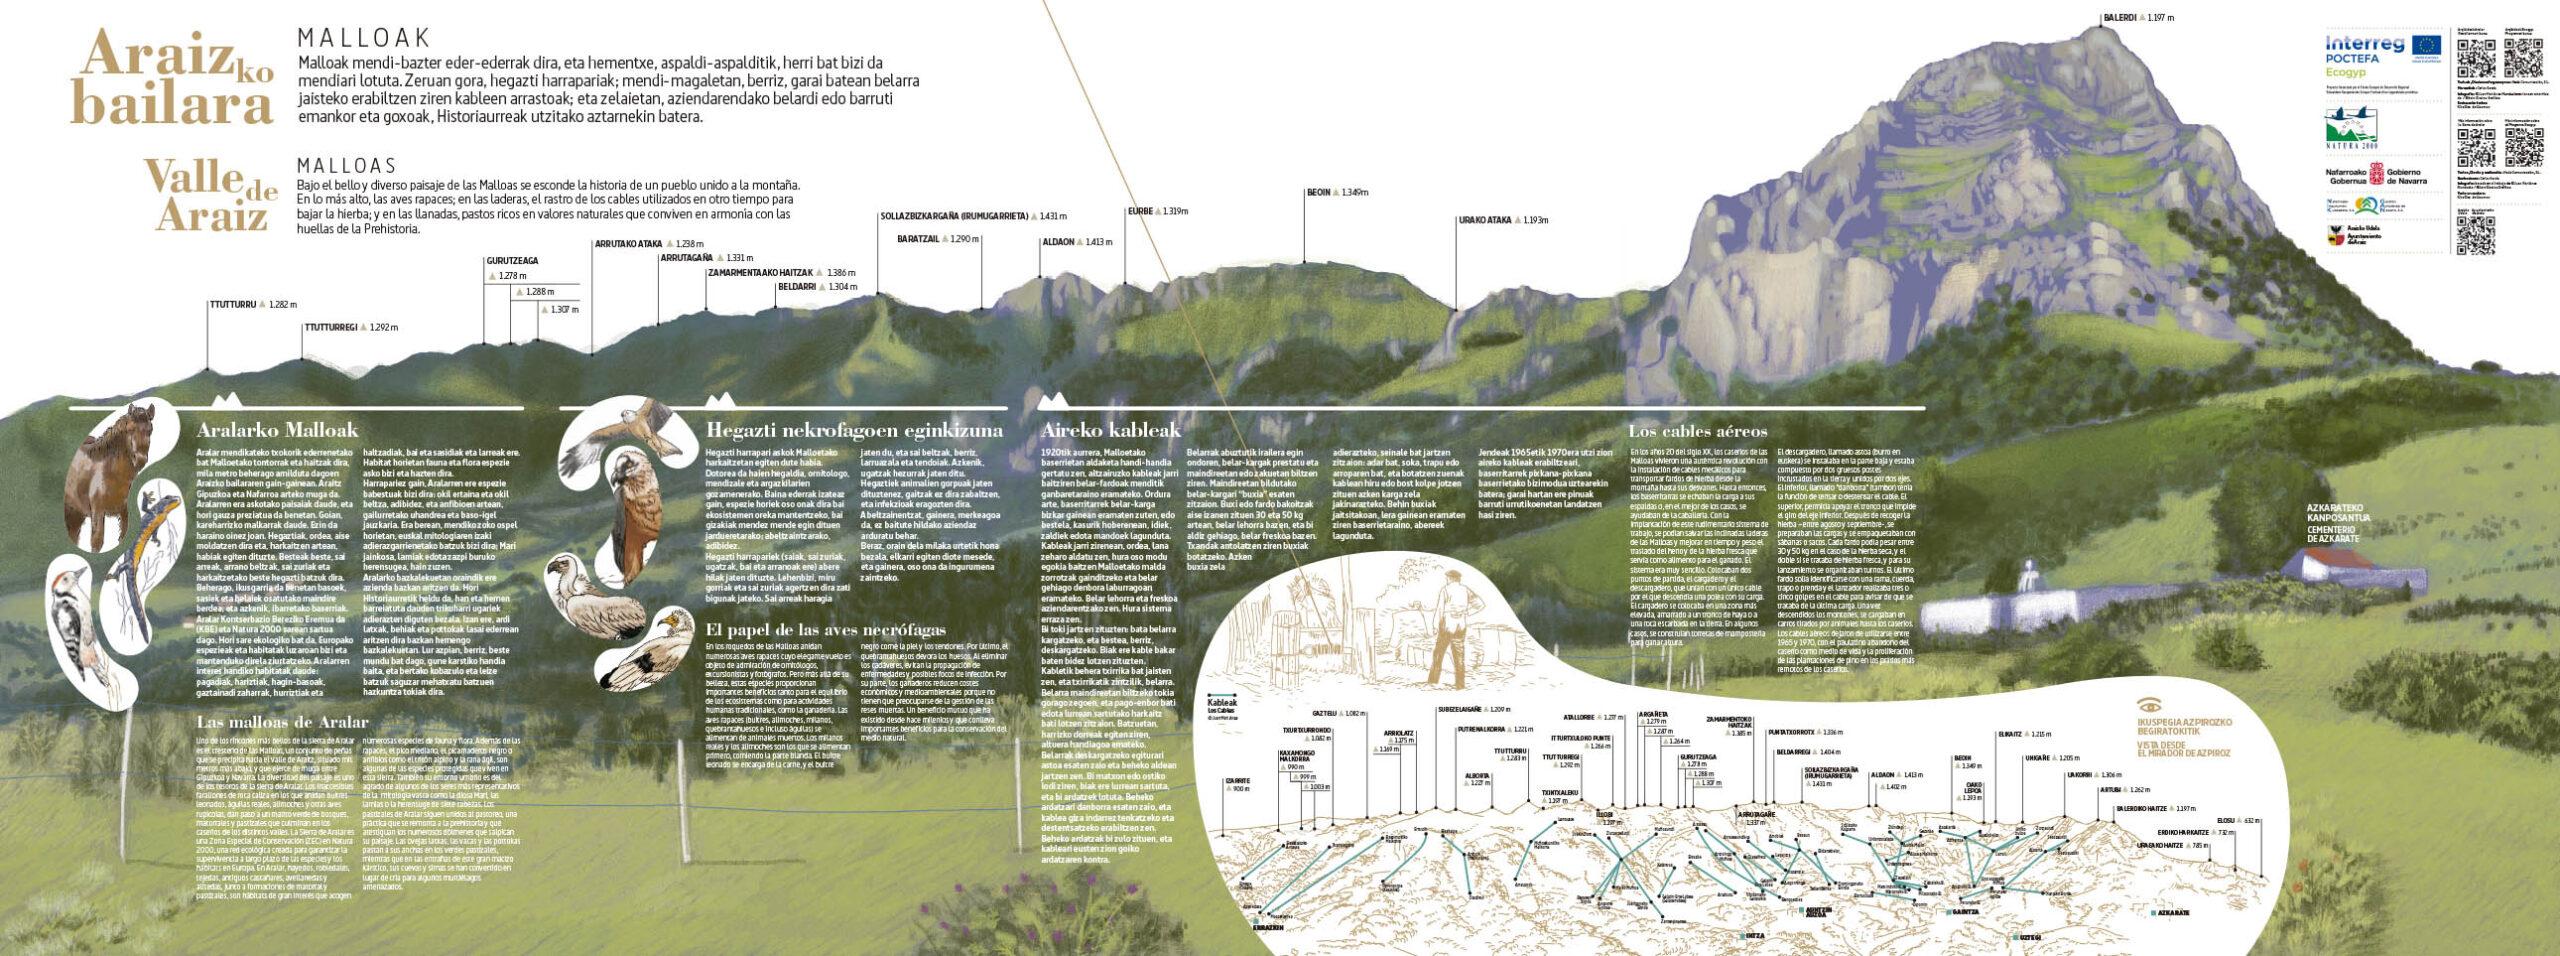 Panel. Cables aéreos en el Valle de Araiz